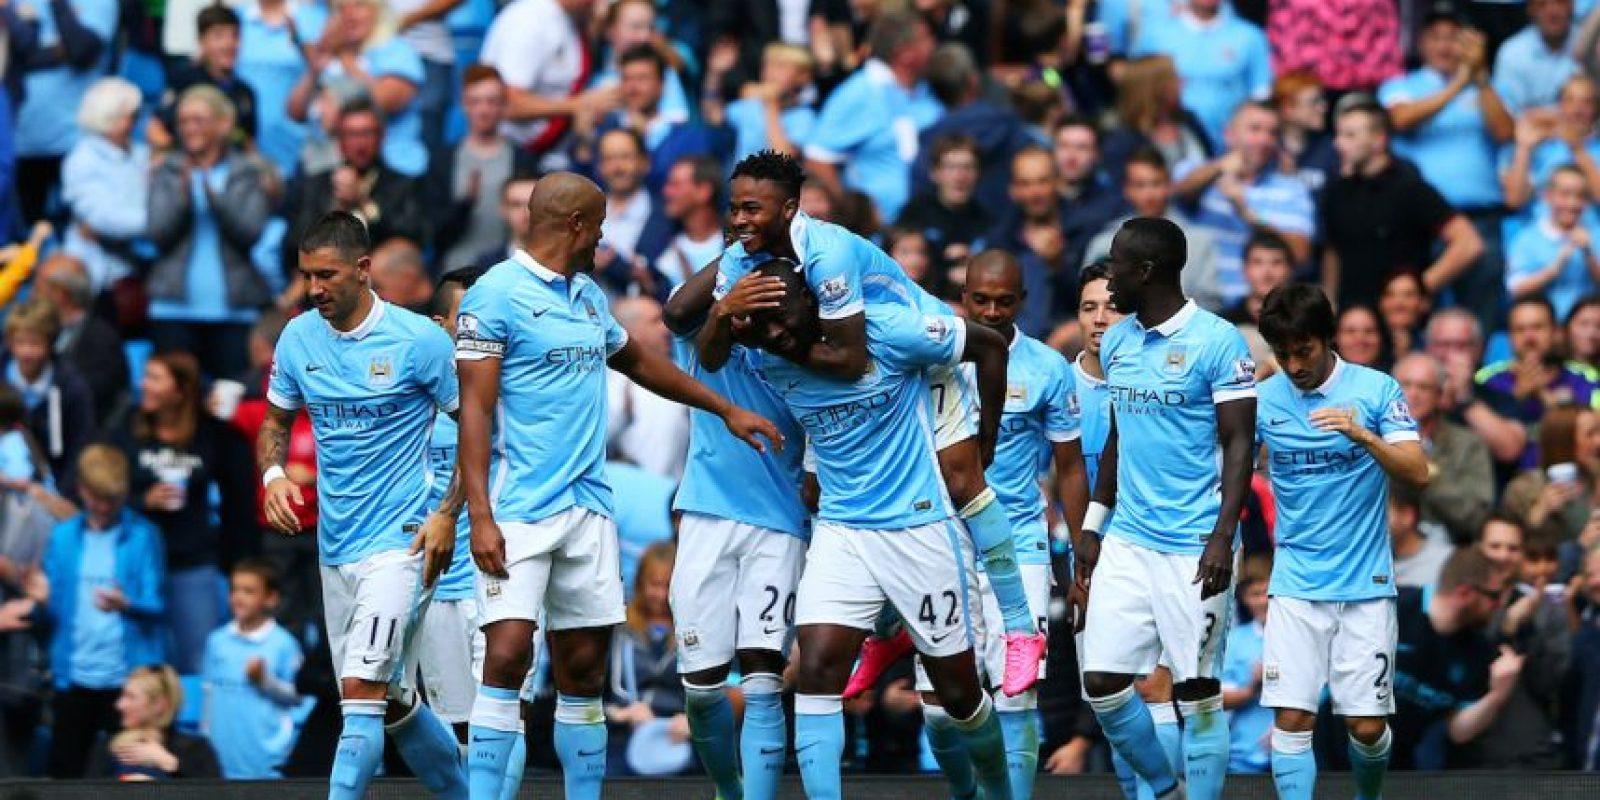 Manchester City es uno de los cuatro representantes ingleses en esta edición de la Champions League. Foto:Getty Images